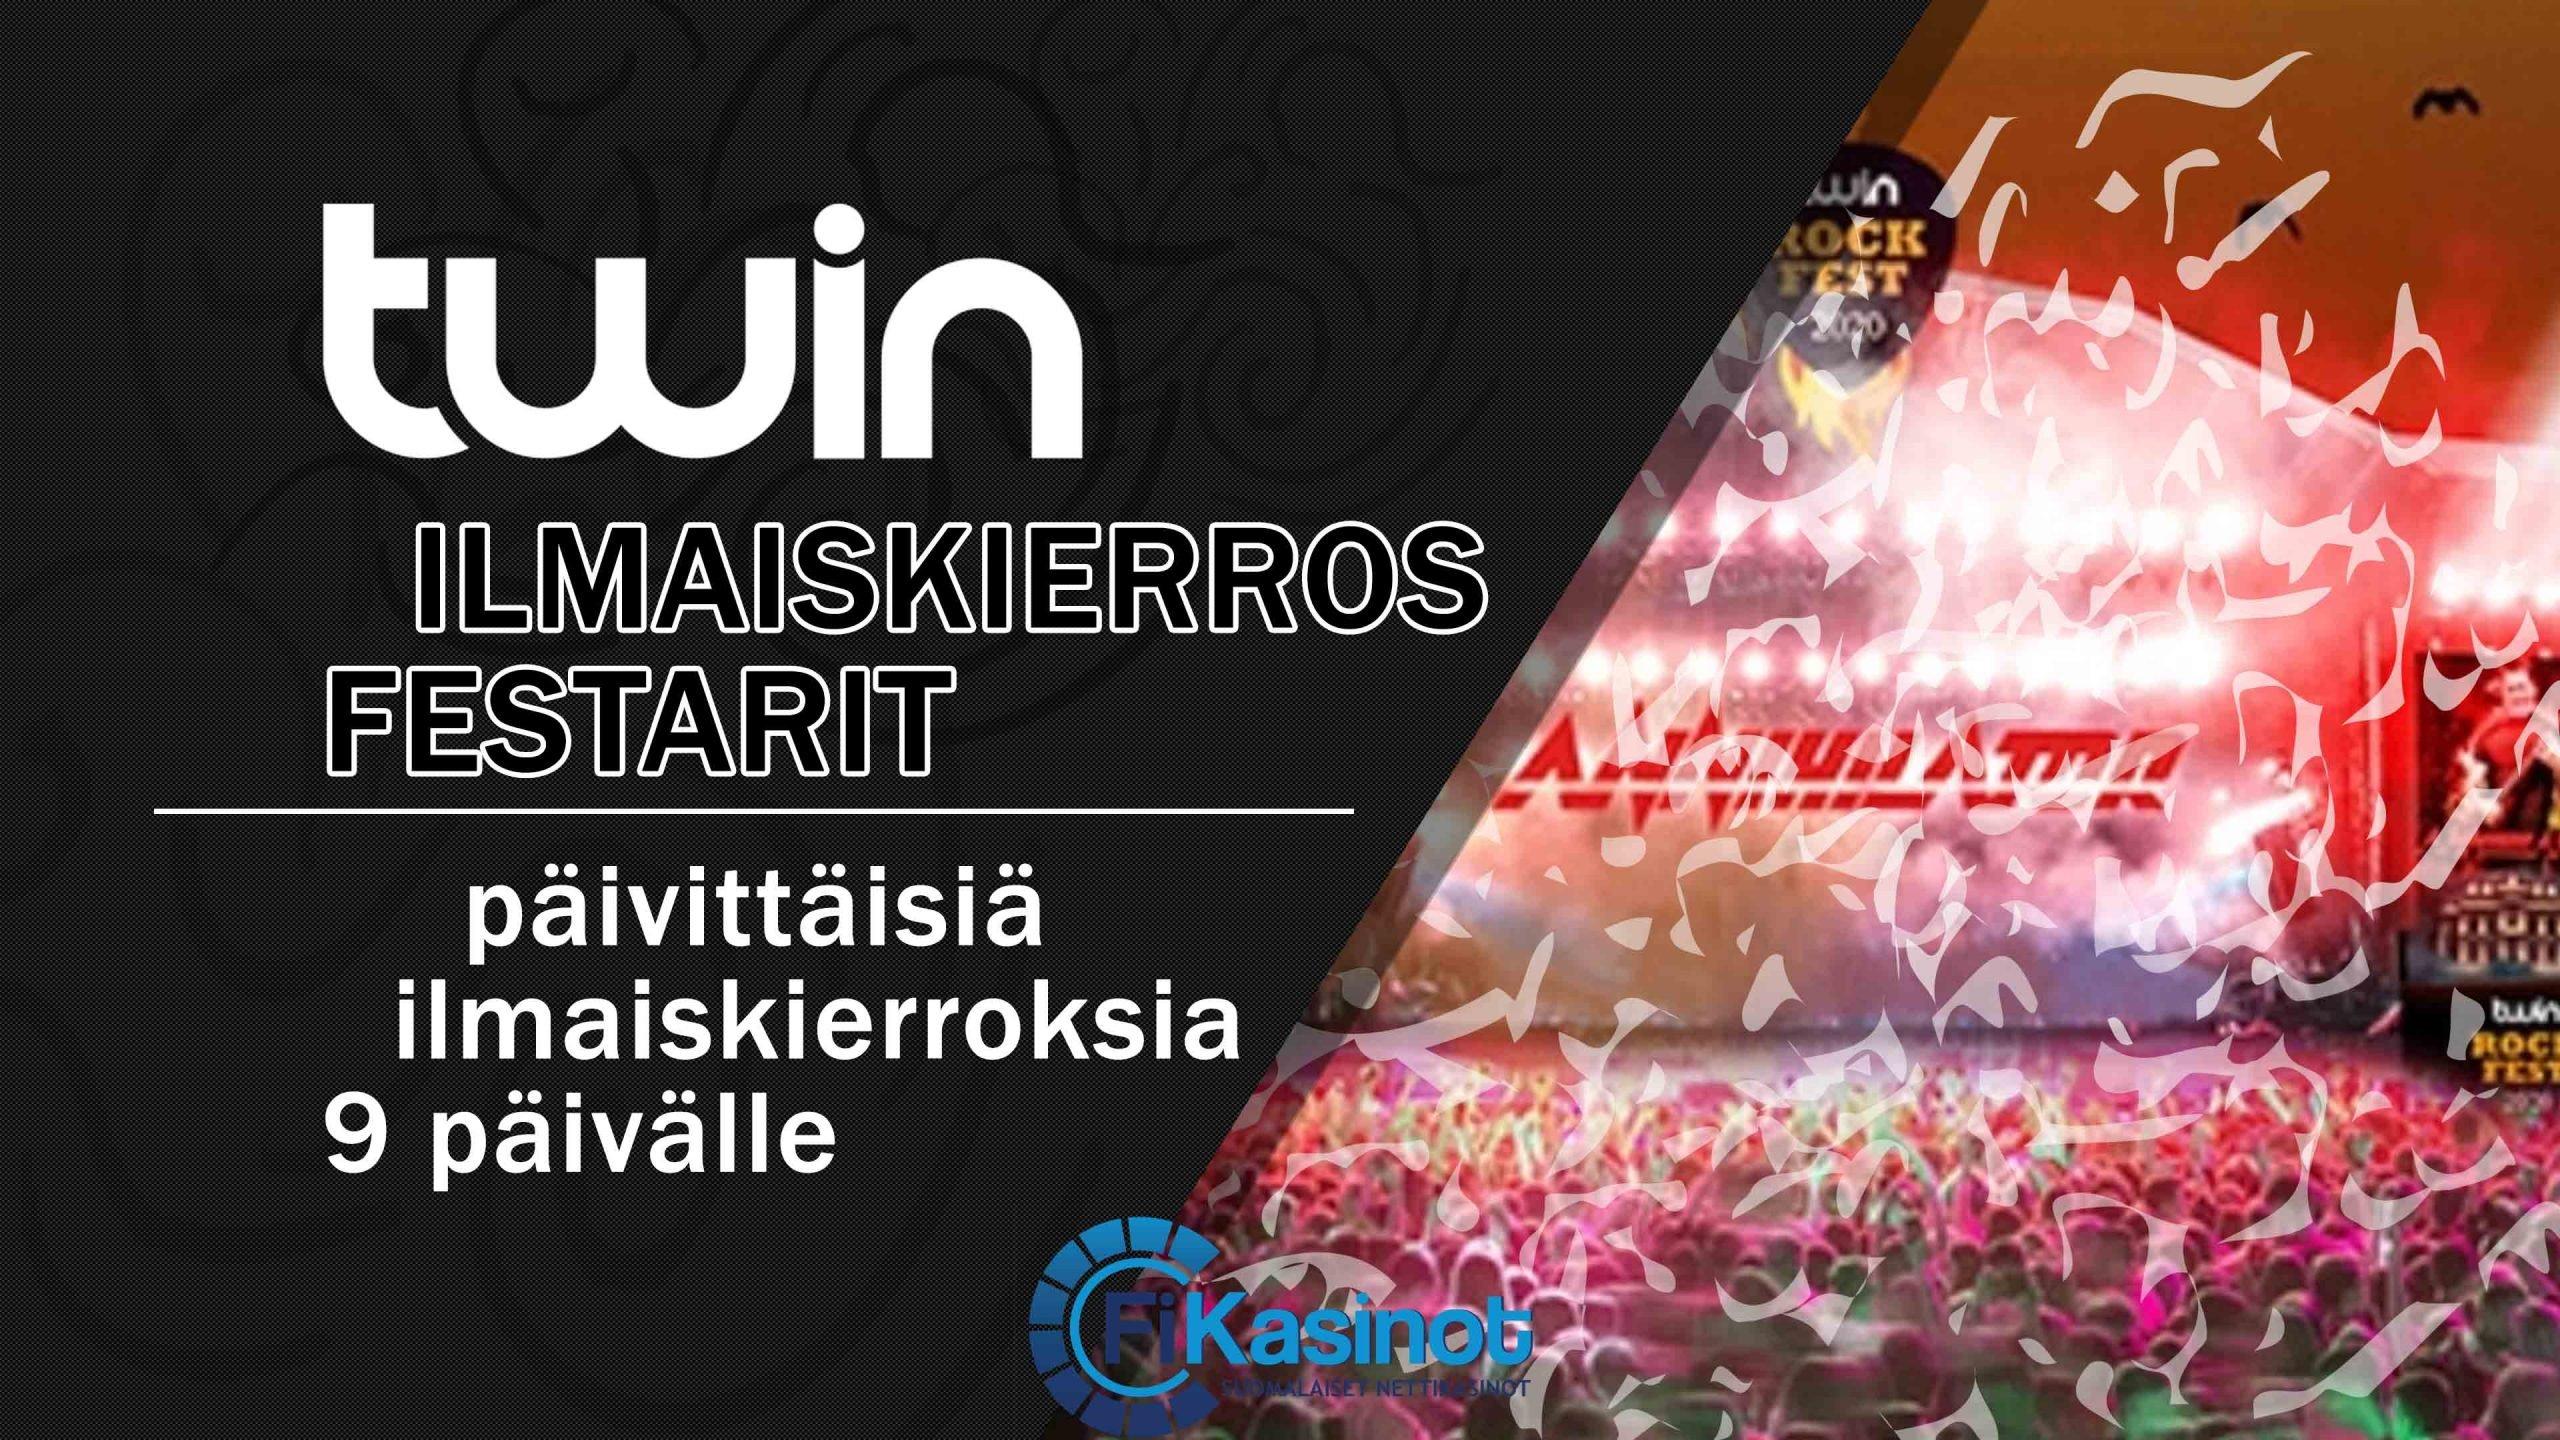 Twin Casinon ilmaiskierrosfestarit